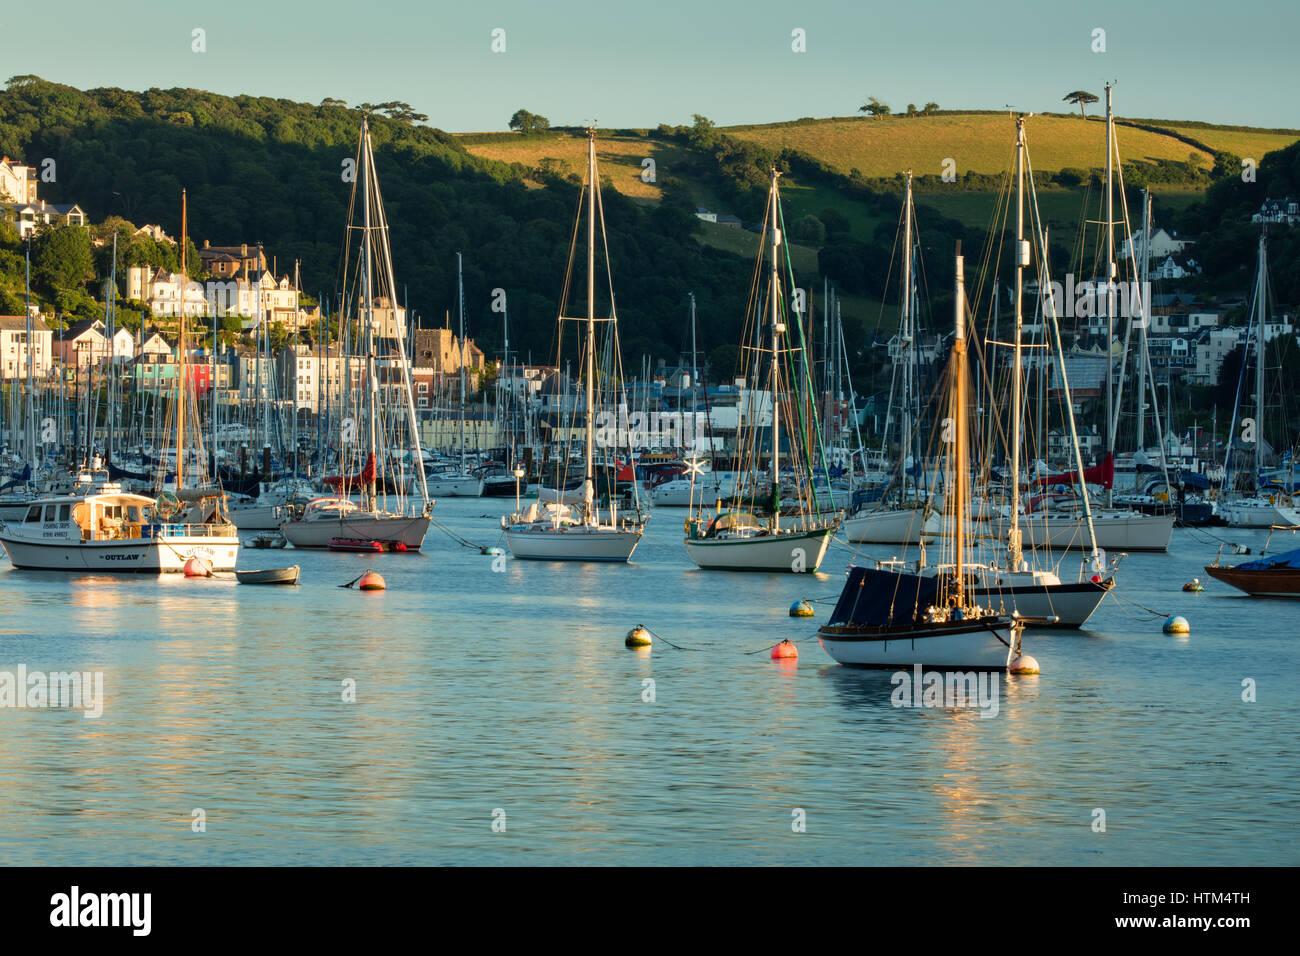 Bateaux ancrés dans la rivière Dart à Kingswear, Devon, England, UK Banque D'Images